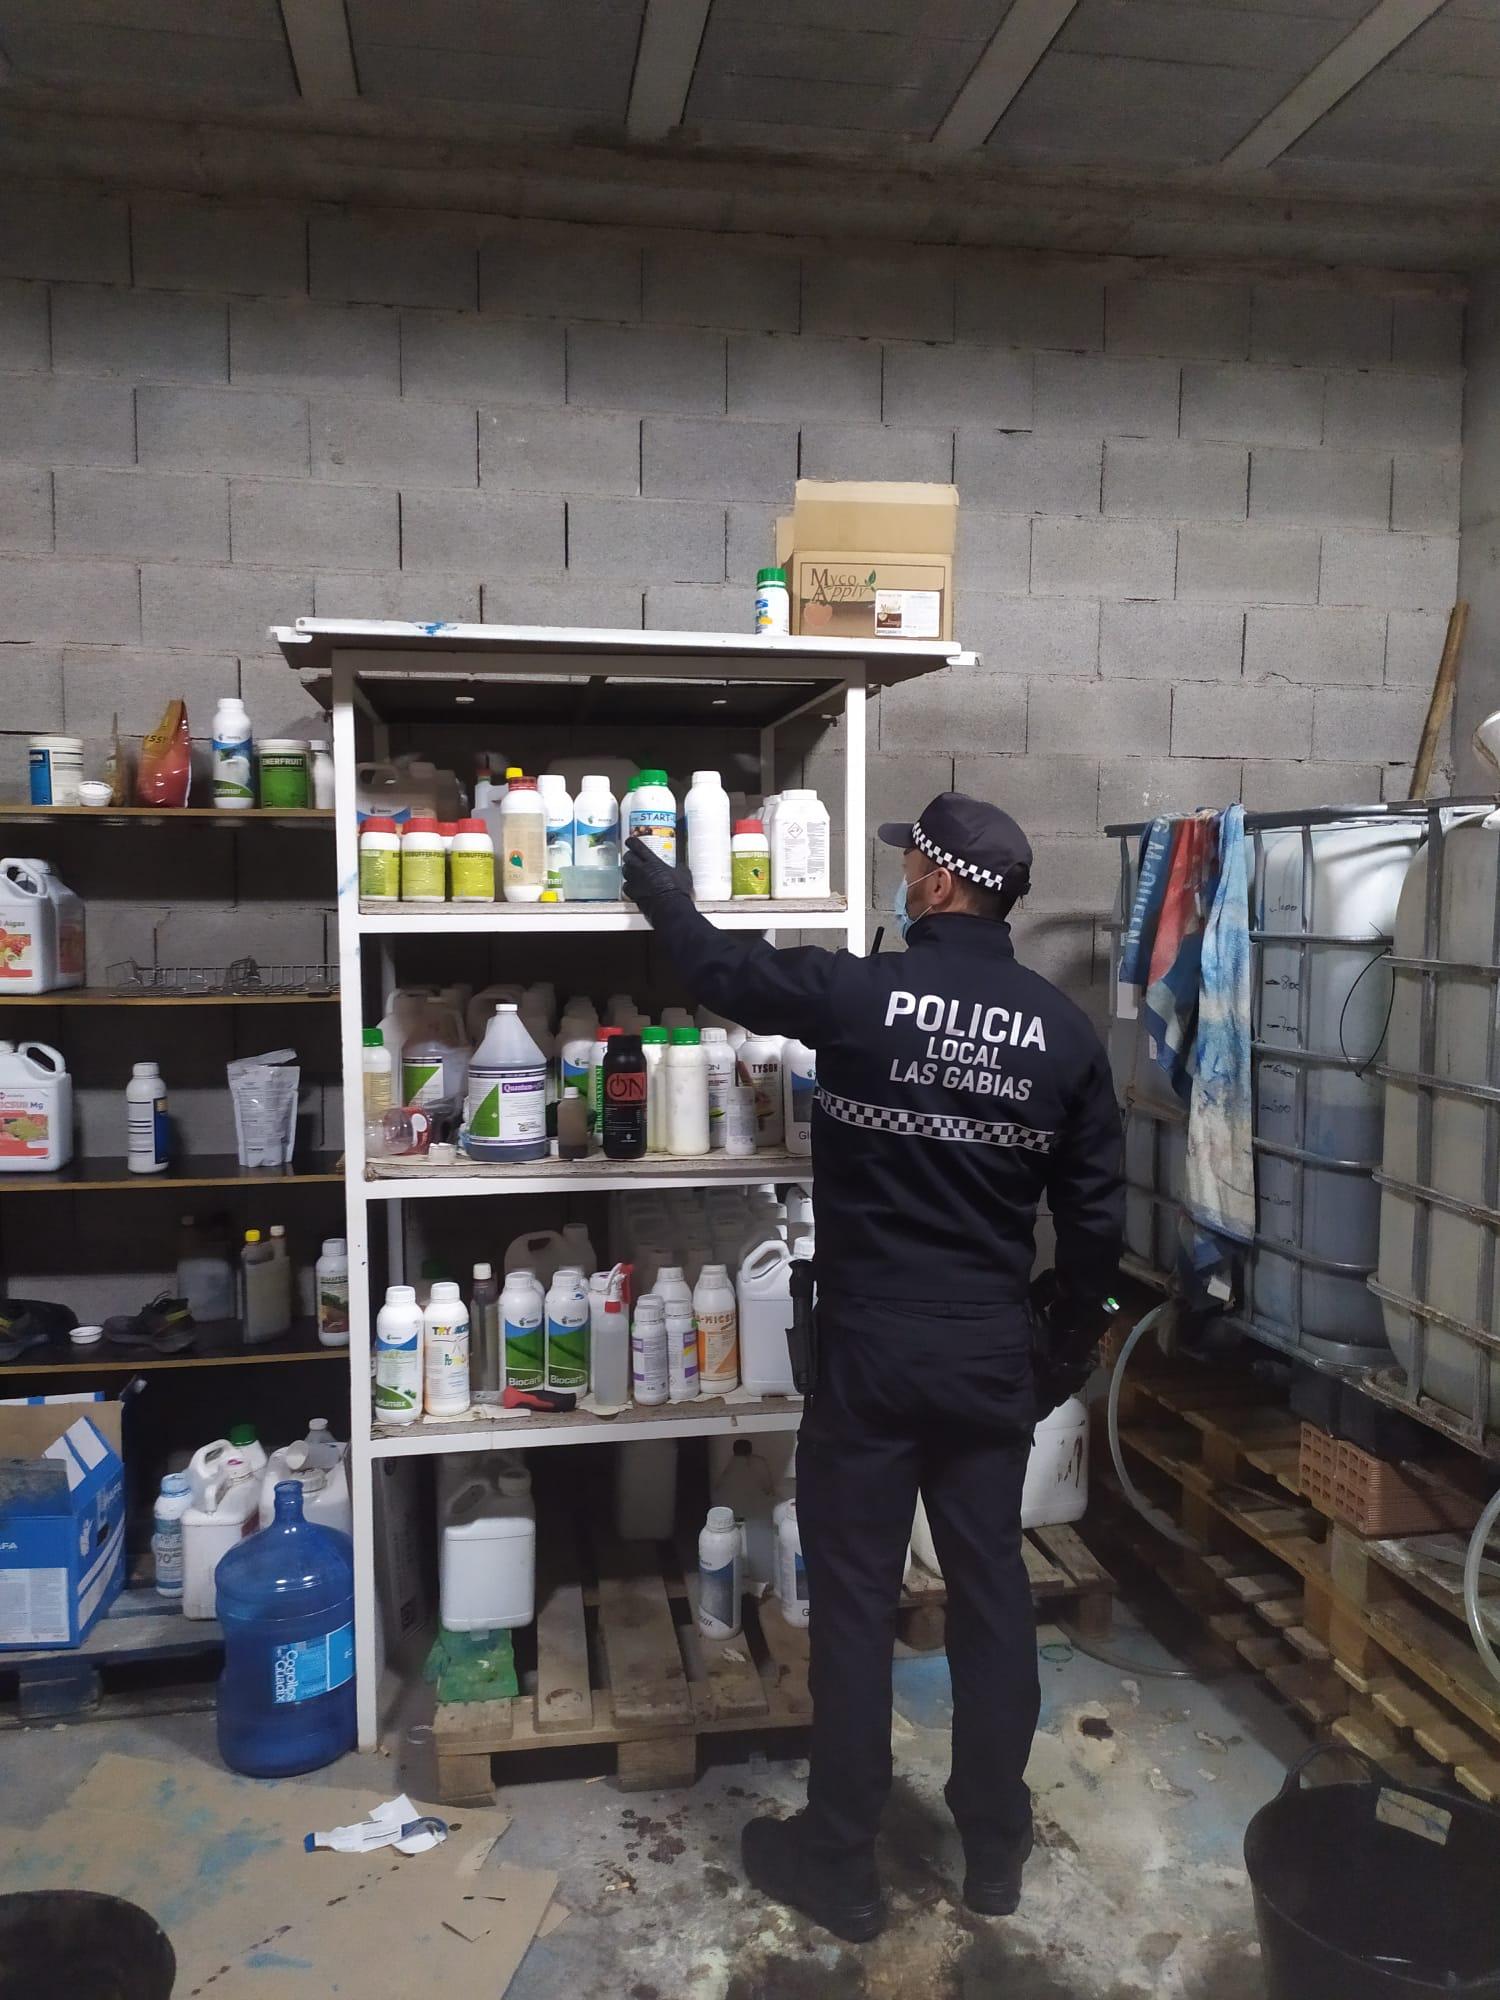 La Policía Local de Las Gabias localiza un laboratorio ilegal de productos químicos